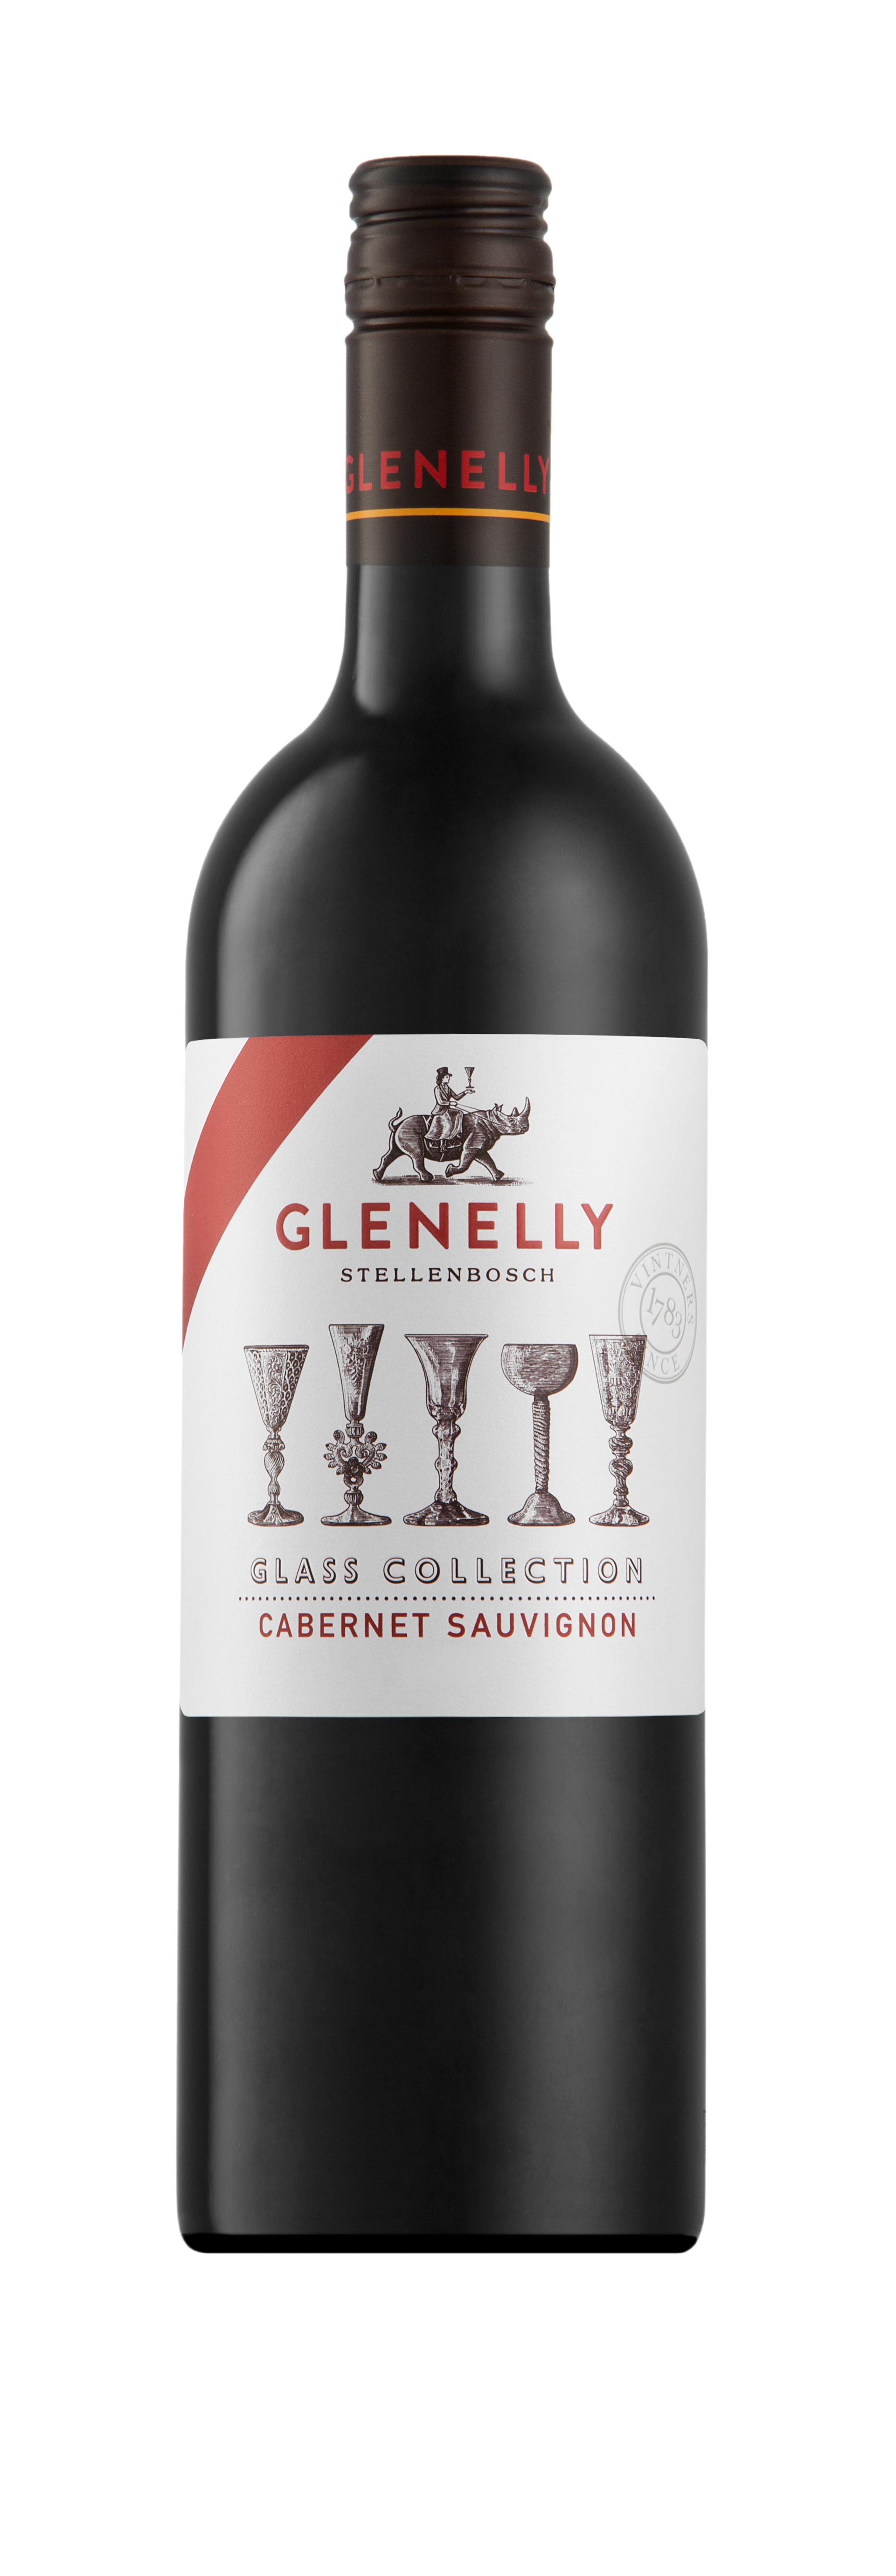 Glass Collection Cabernet Sauvignon